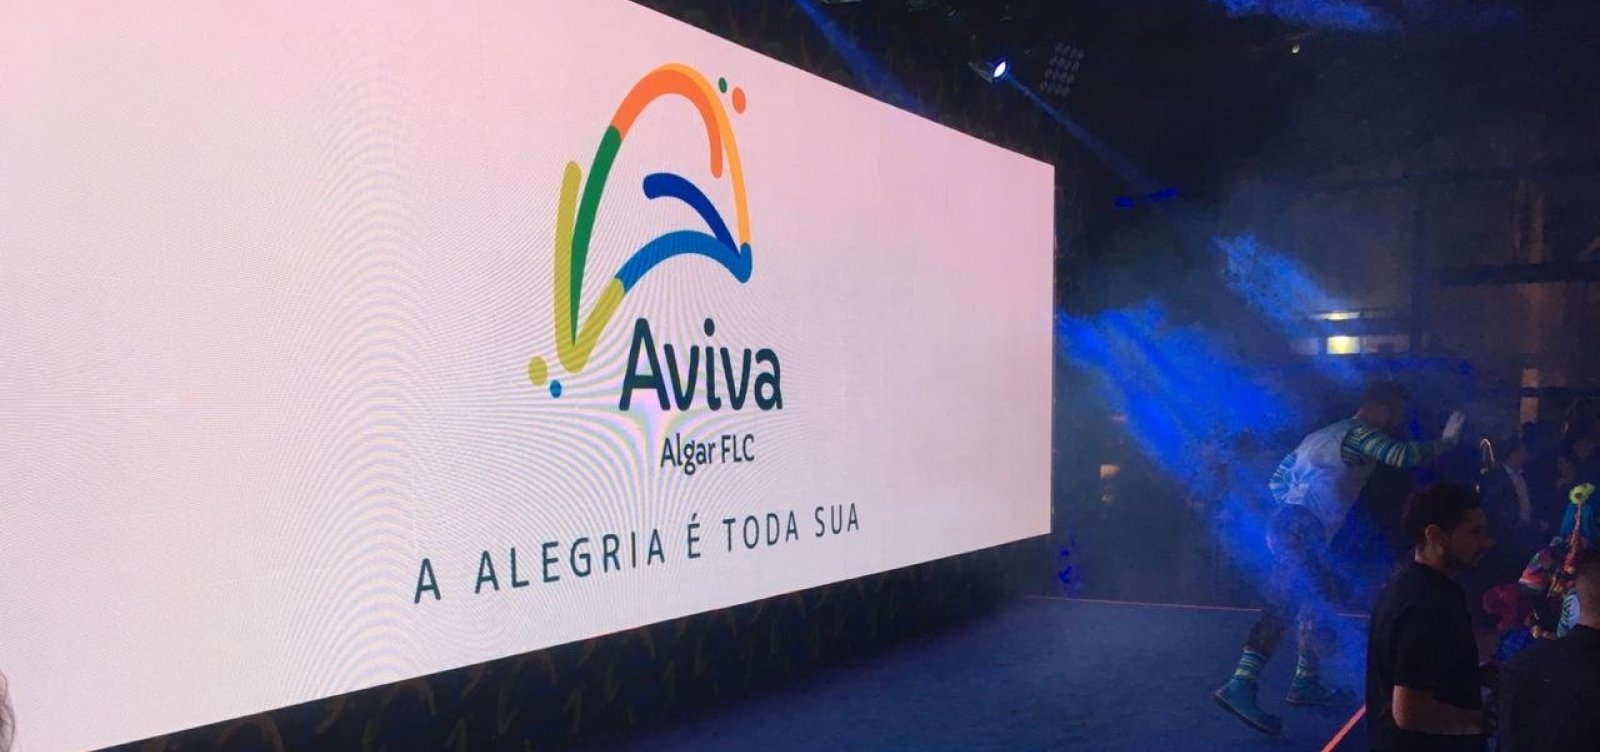 [Grupo Aviva estreia na Bahia com mais de R$ 600 mi em investimentos]